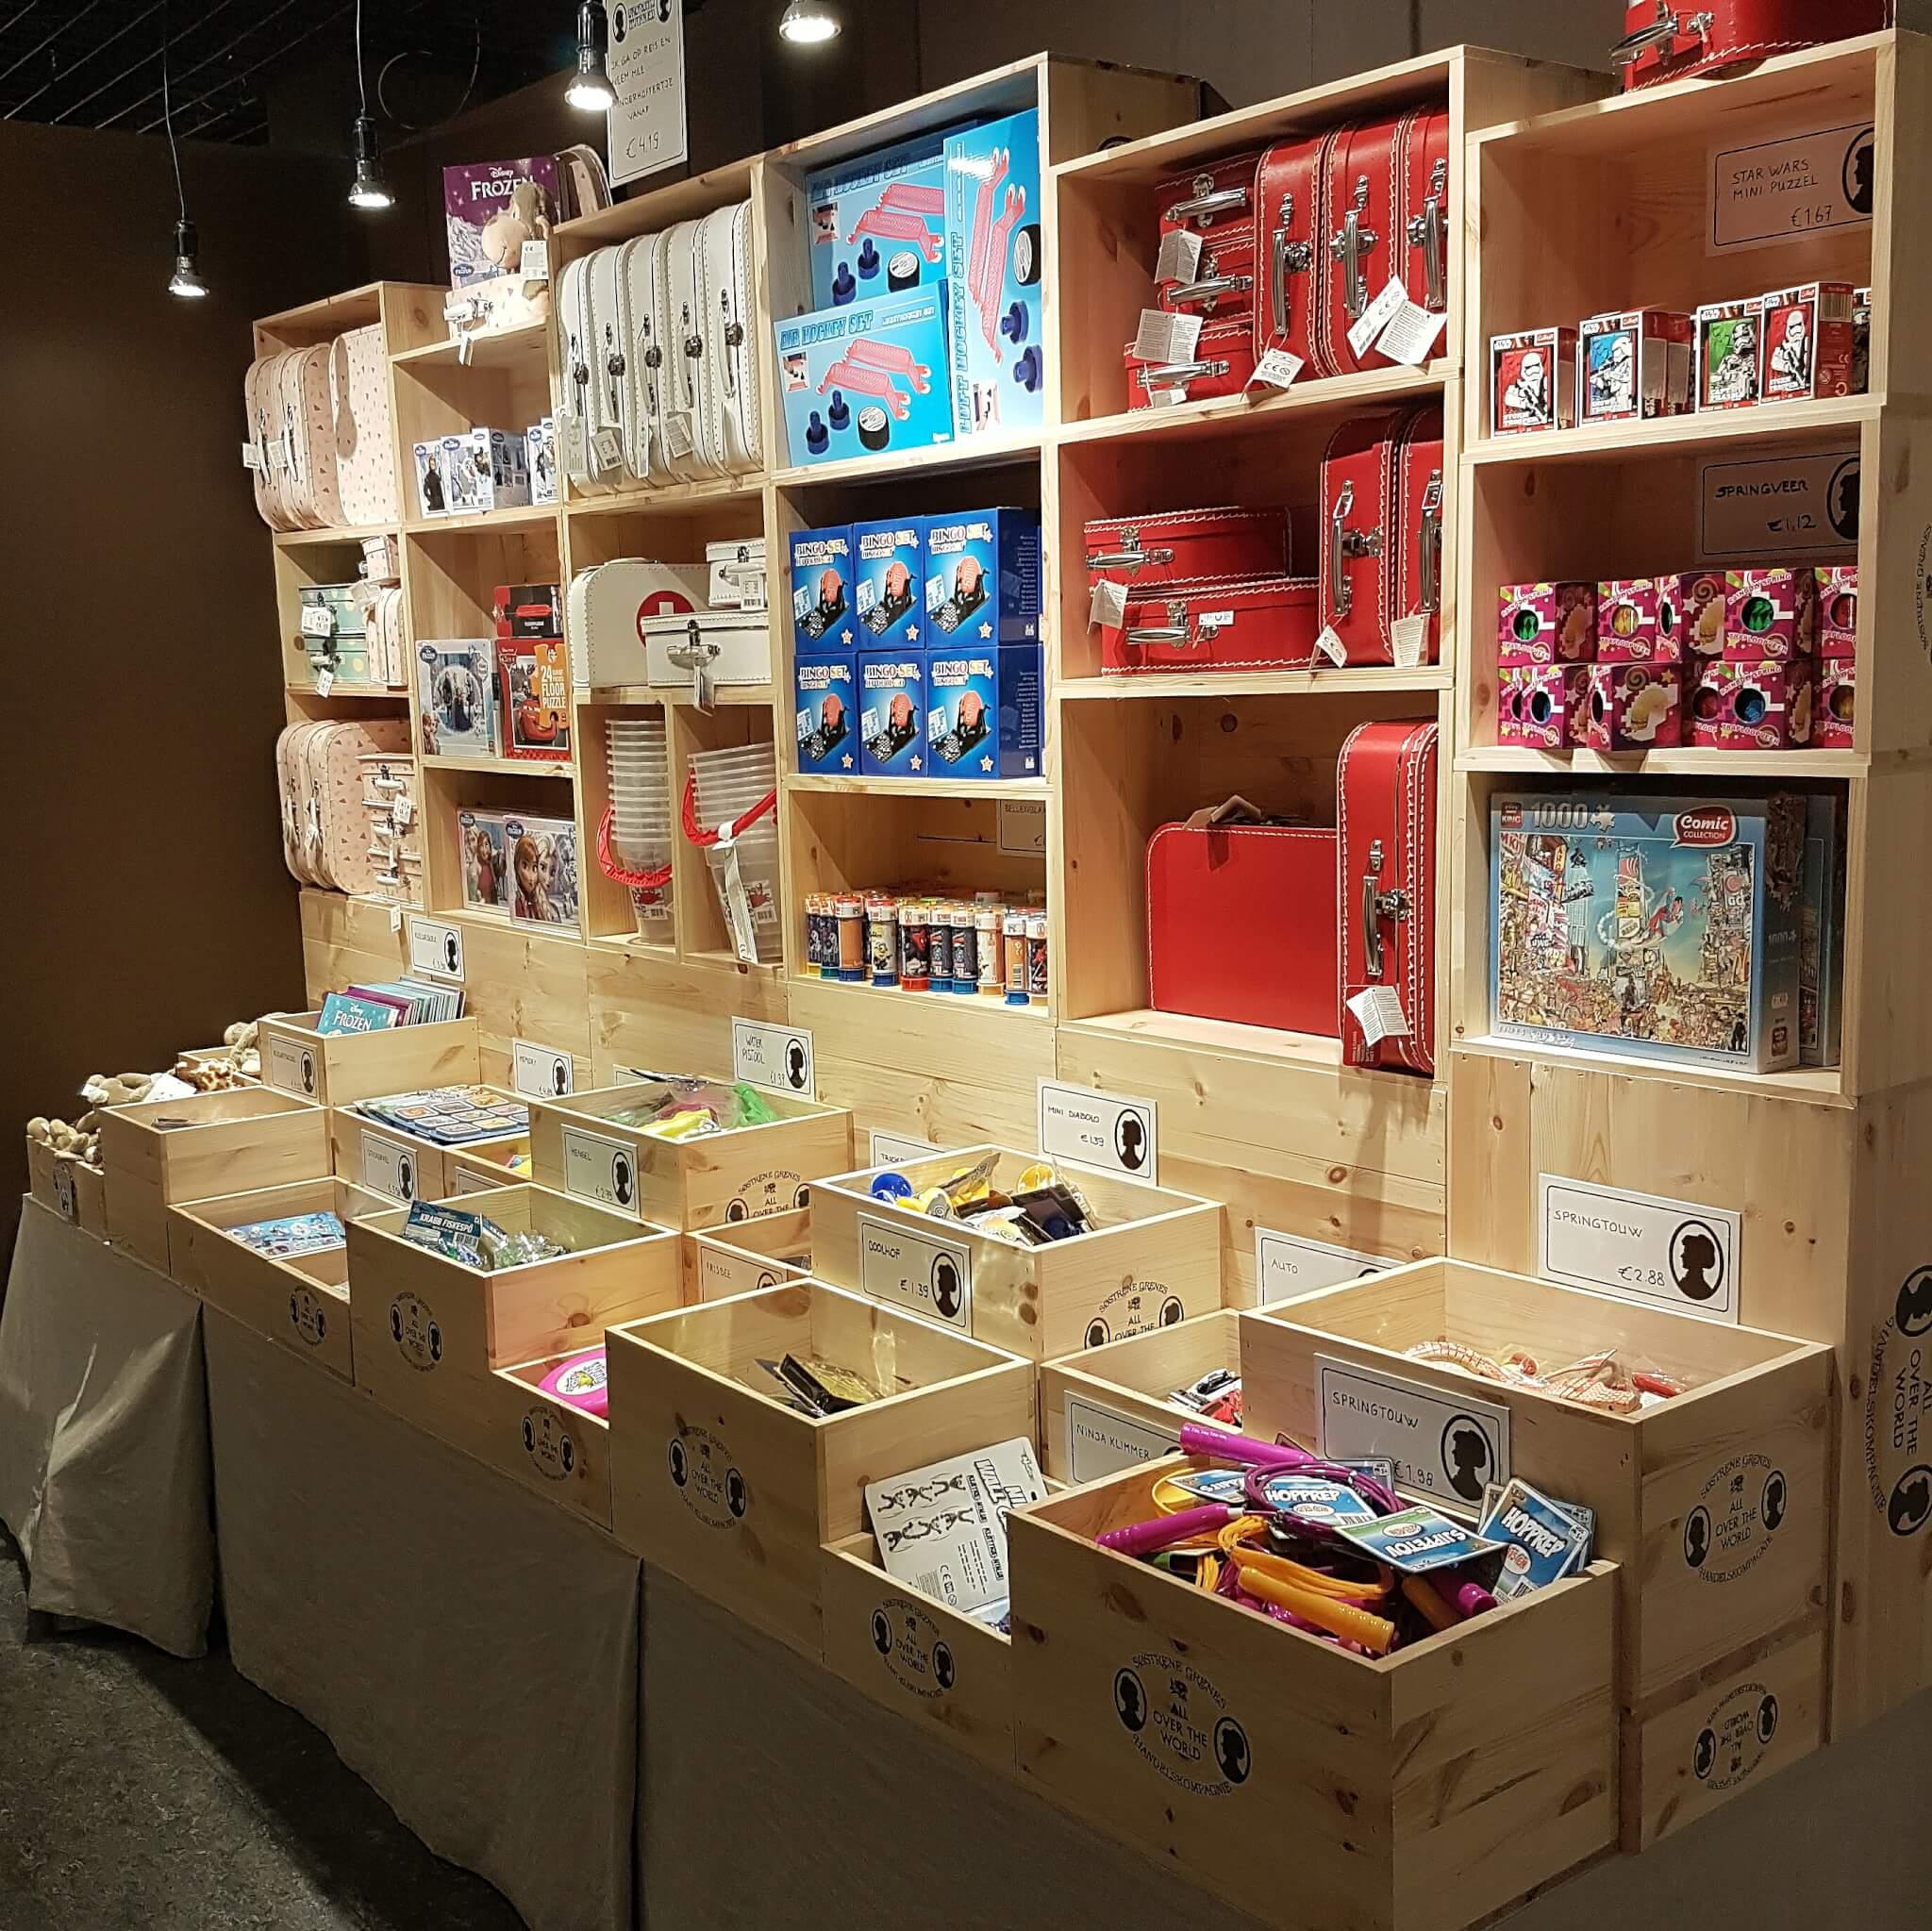 SØSTRENE GRENE: betaalbare Scandinavische winkel vol met hippe hebbedingetjes